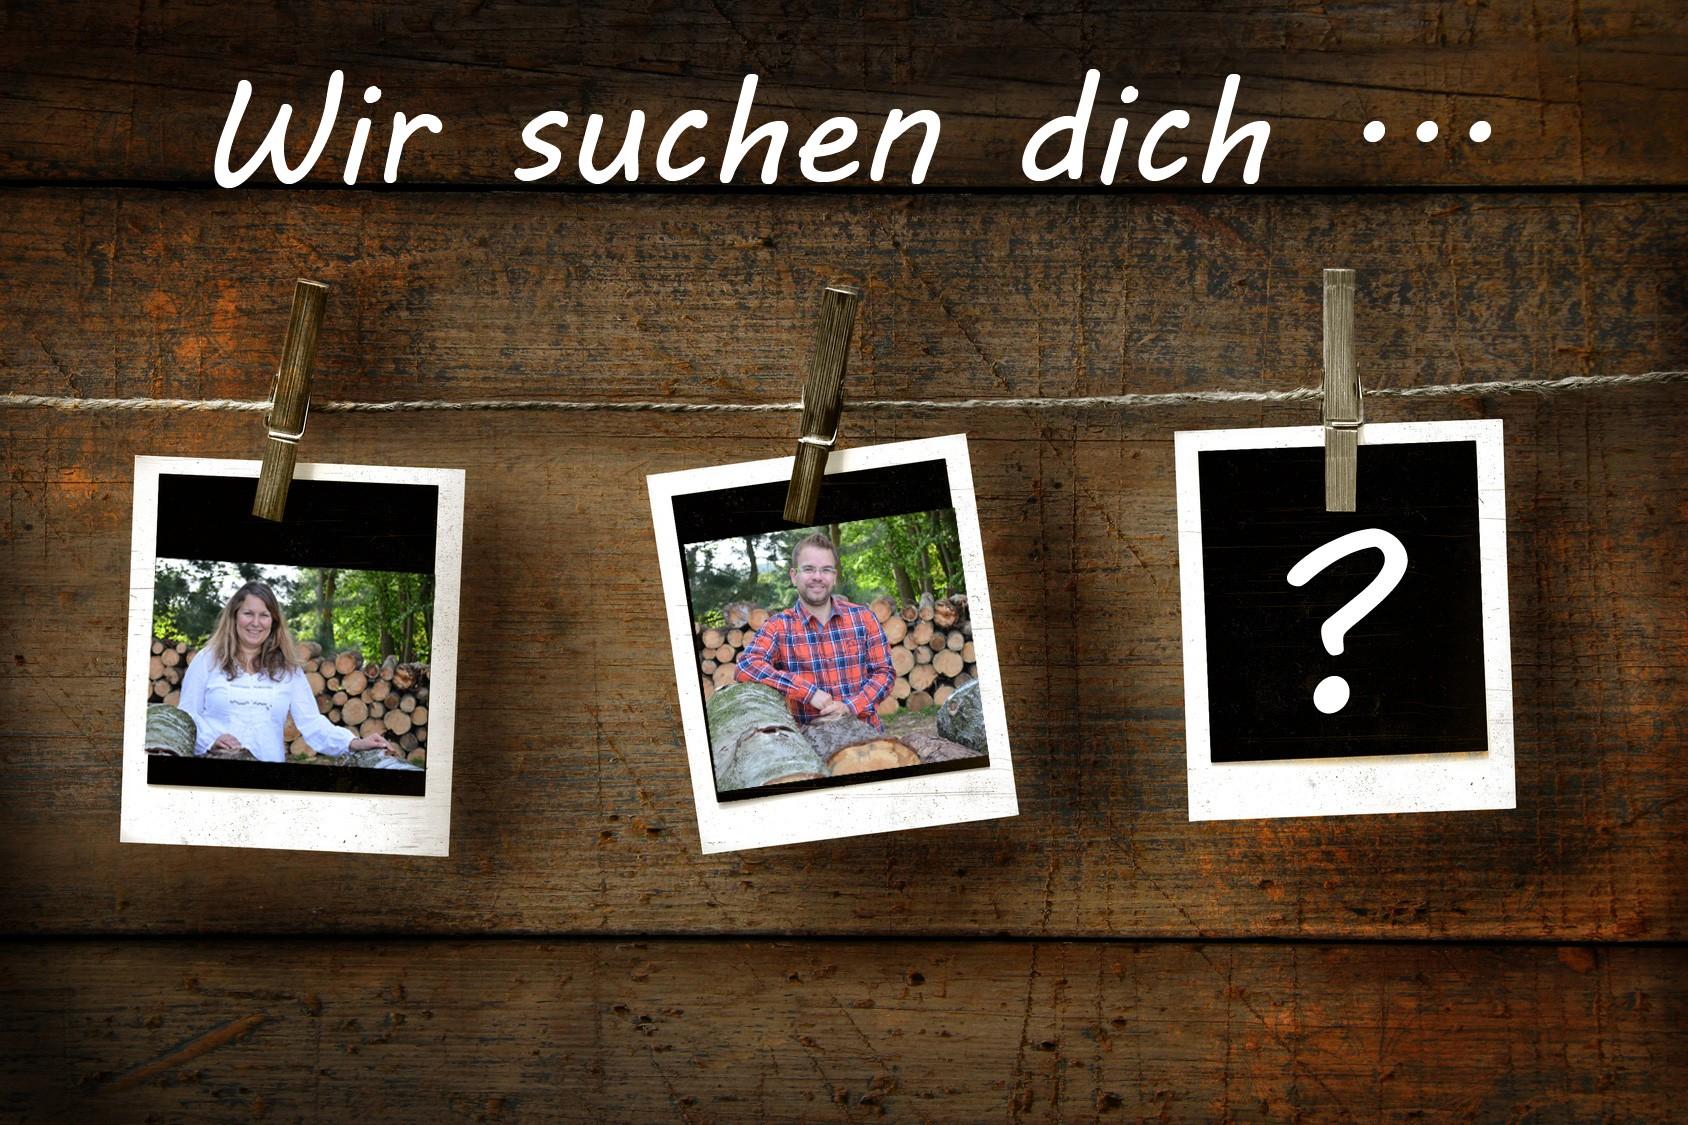 2014-03-12-wir-suchen-dich